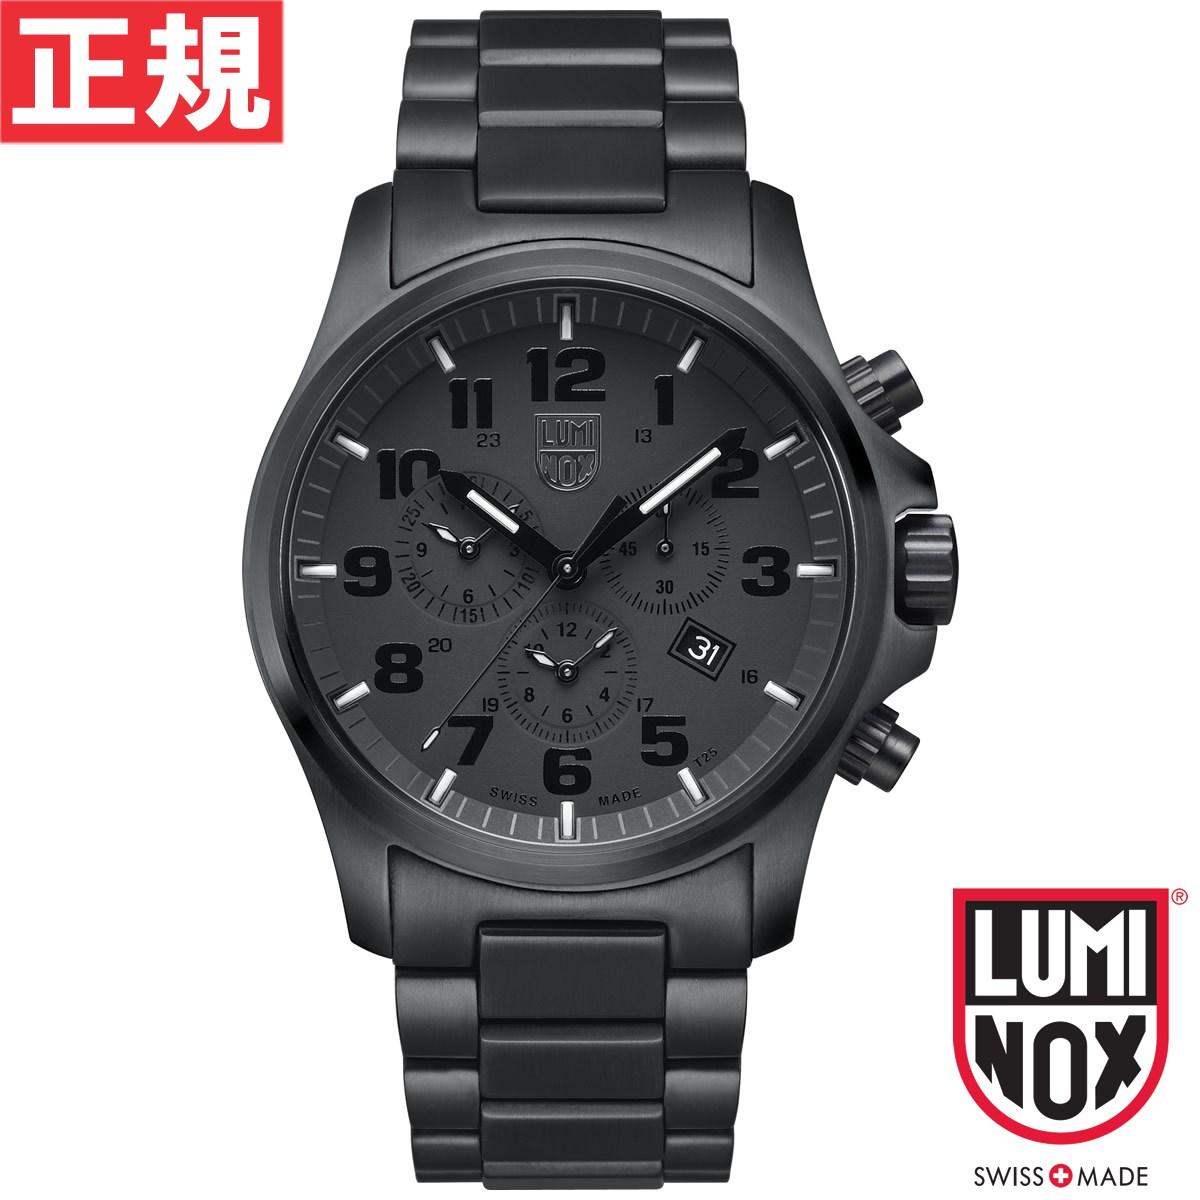 【SHOP OF THE YEAR 2018 受賞】ルミノックス LUMINOX 腕時計 メンズ アカタマ フィールド クロノグラフ アラーム ATACAMA FIELD CHRONOGRAPH ALARM 1940シリーズ 1942.BOB